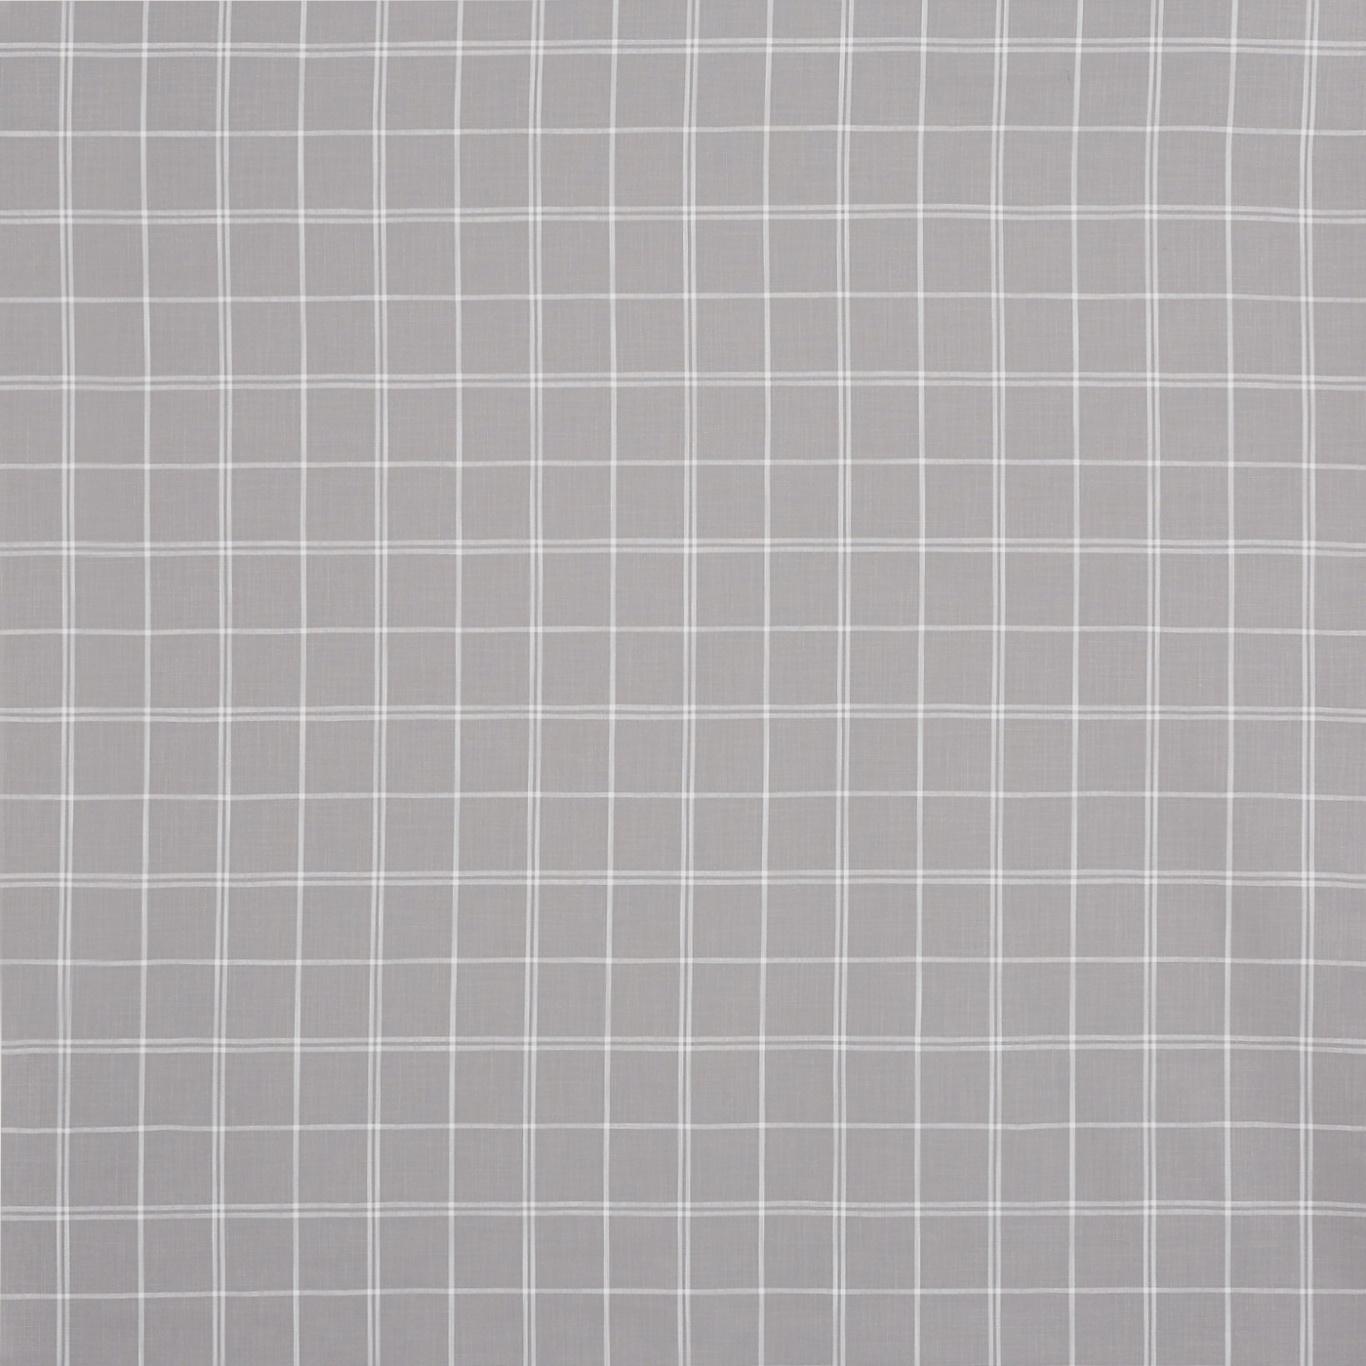 Image of Prestigious Boston Silver Fabric 3814/909